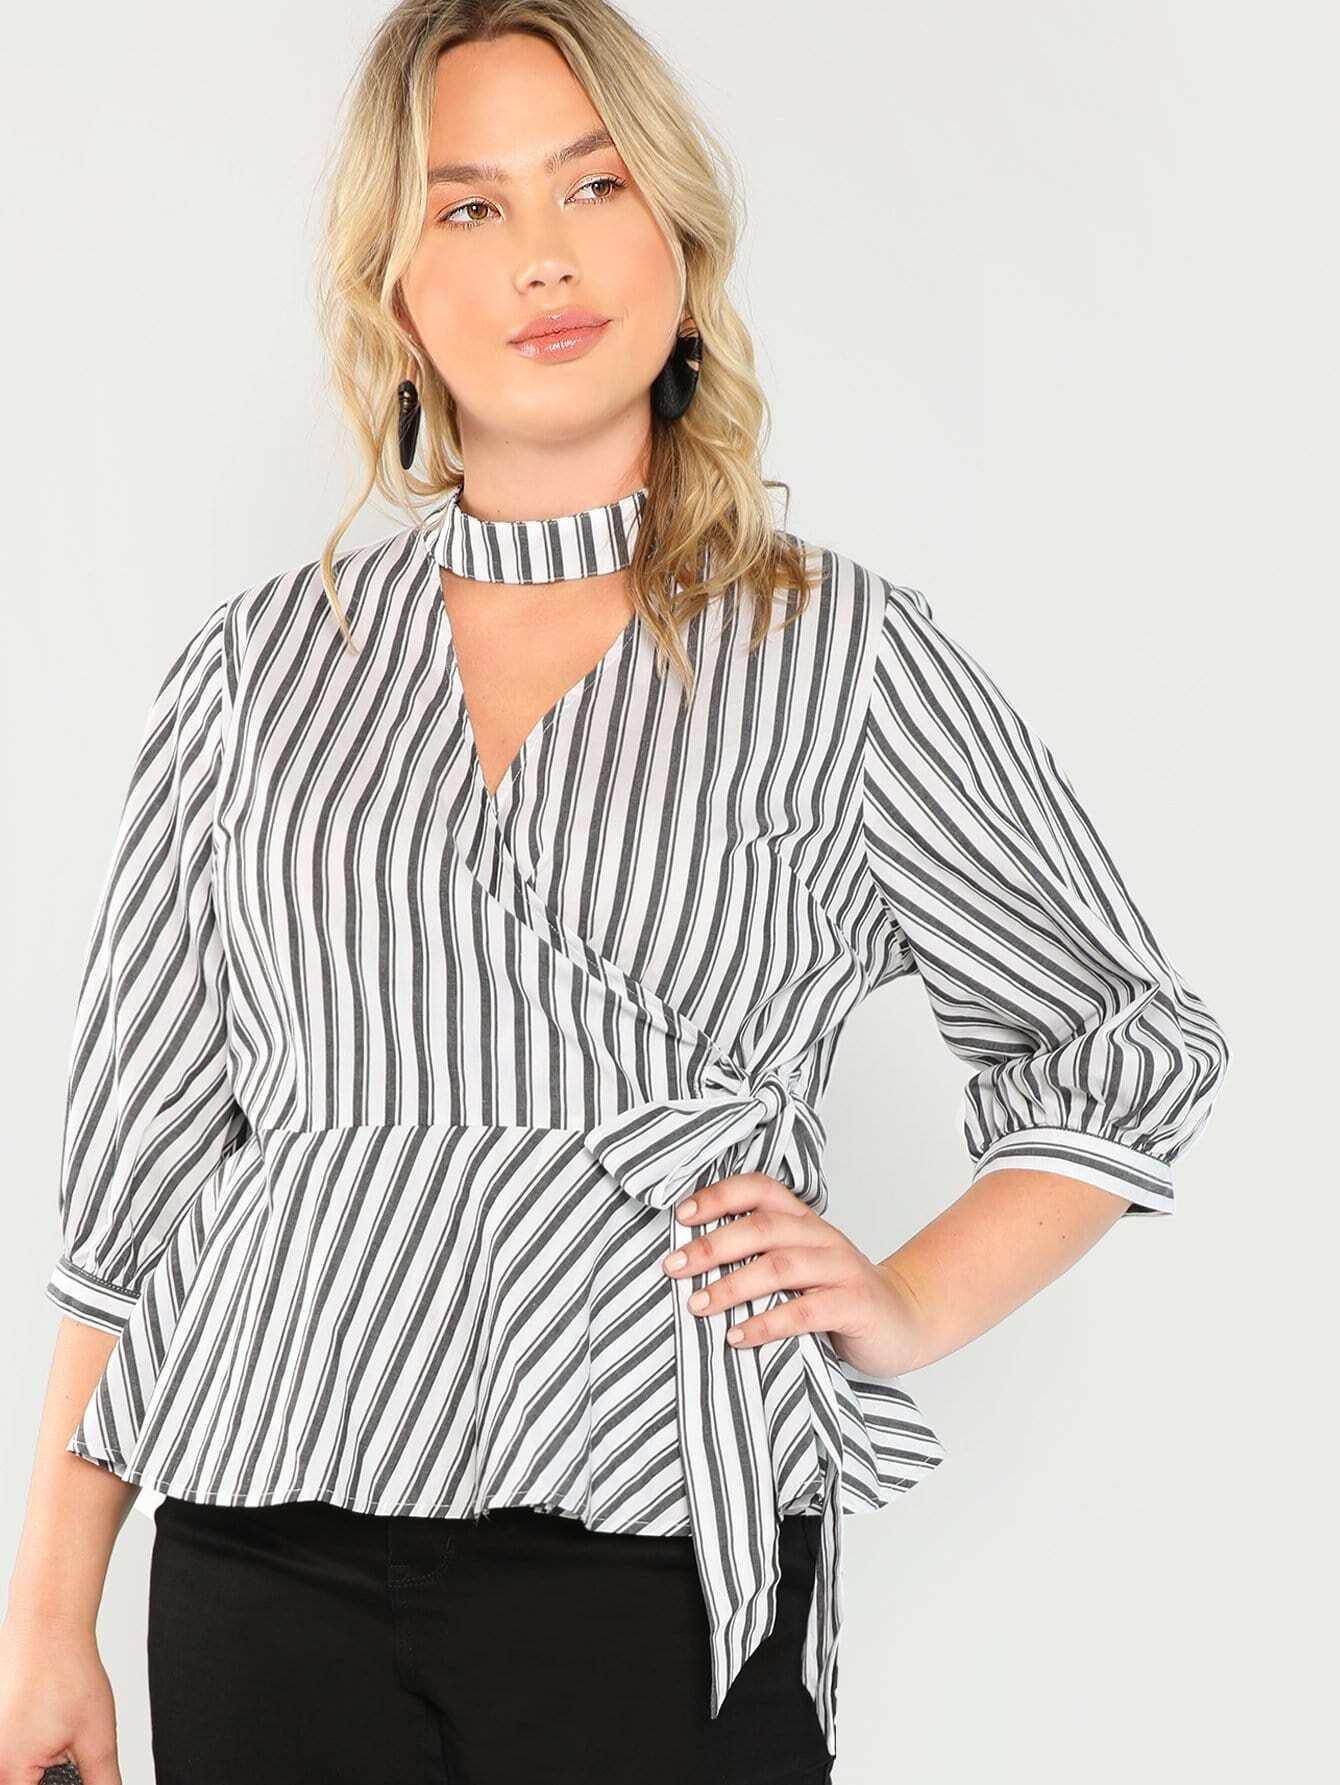 Купить Большая тонкая полосатая рубашка с V-образным вырезом, Sydney Ness, SheIn